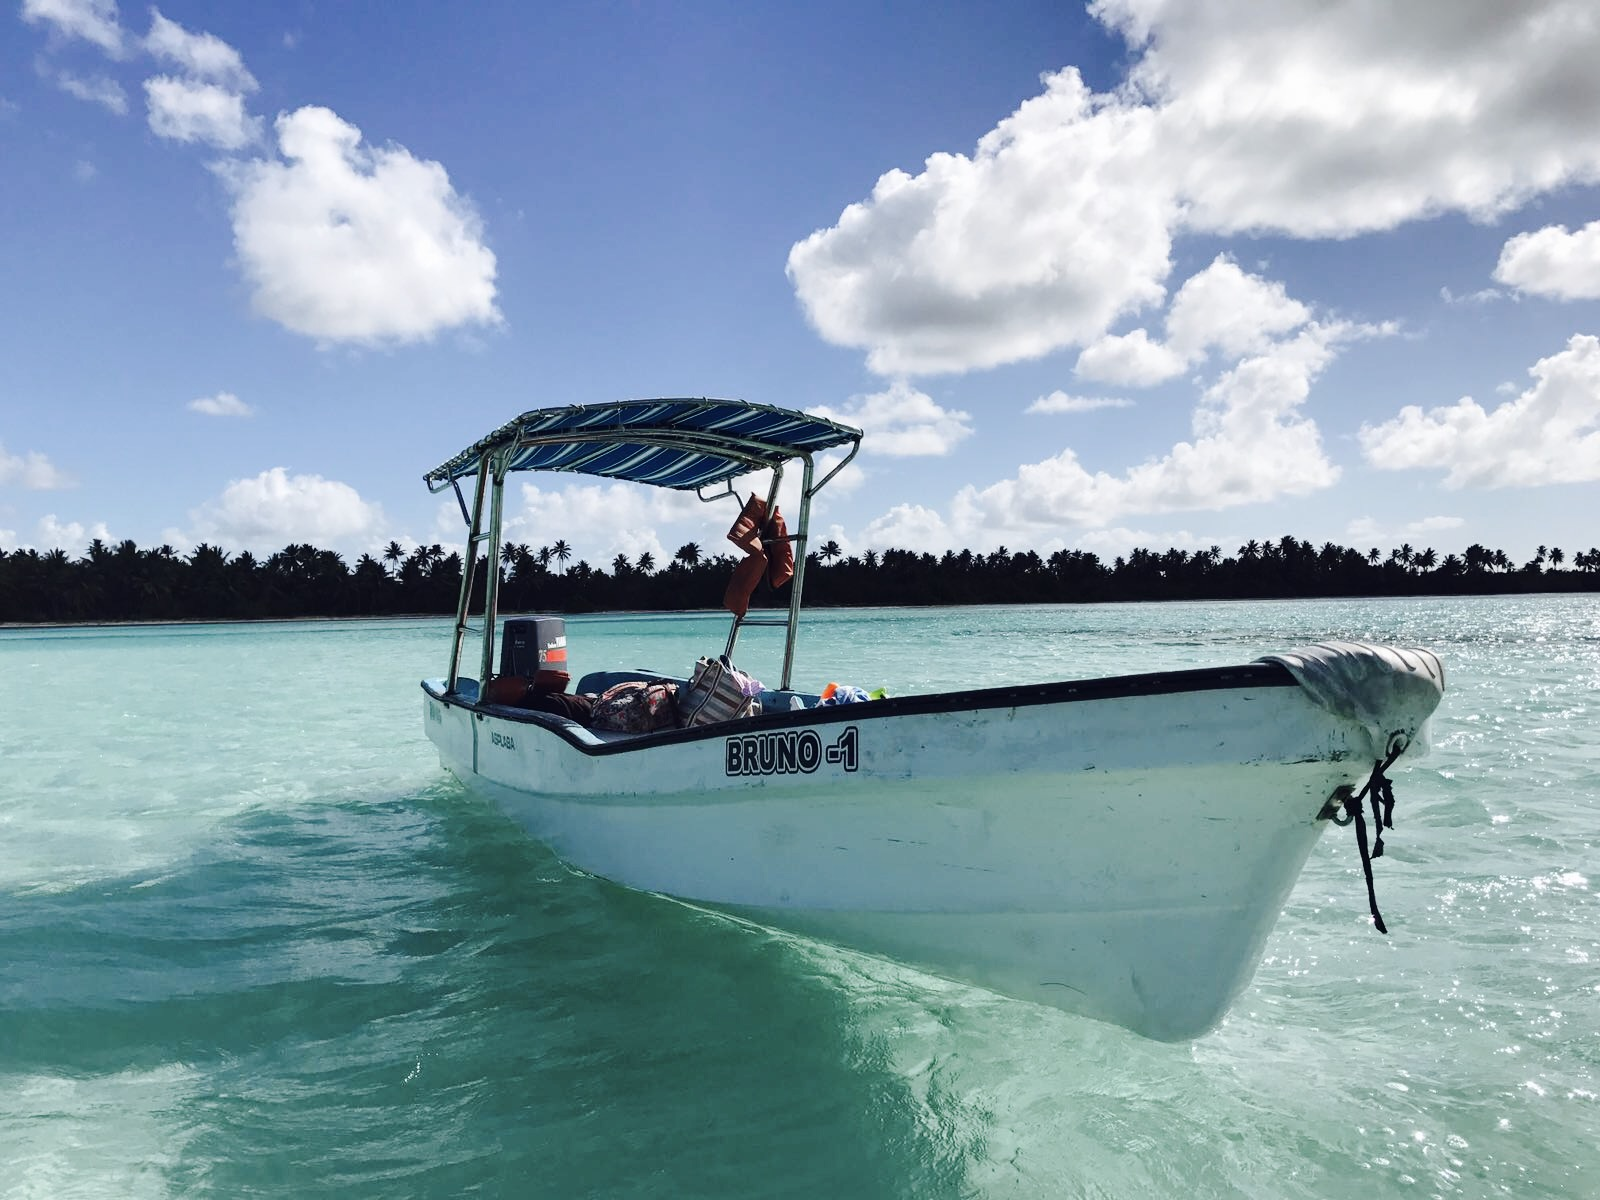 Kleines Boot im türkisblauen Wasser im Nationalpark del Este, Dominikanische Republik